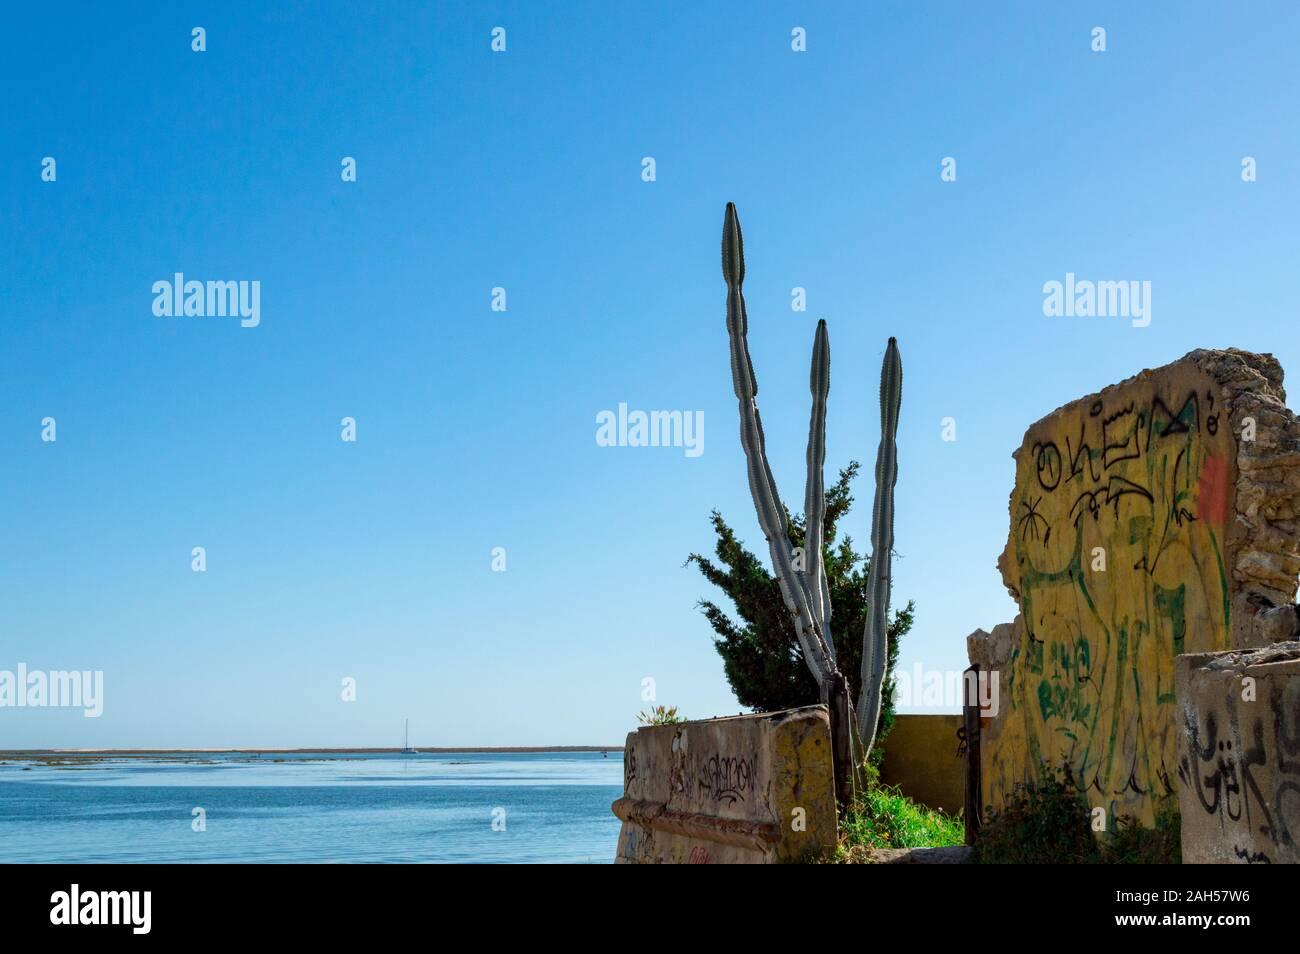 Cactus dans la plage à proximité de ruines du mur industiral, Faro, Portugal Banque D'Images